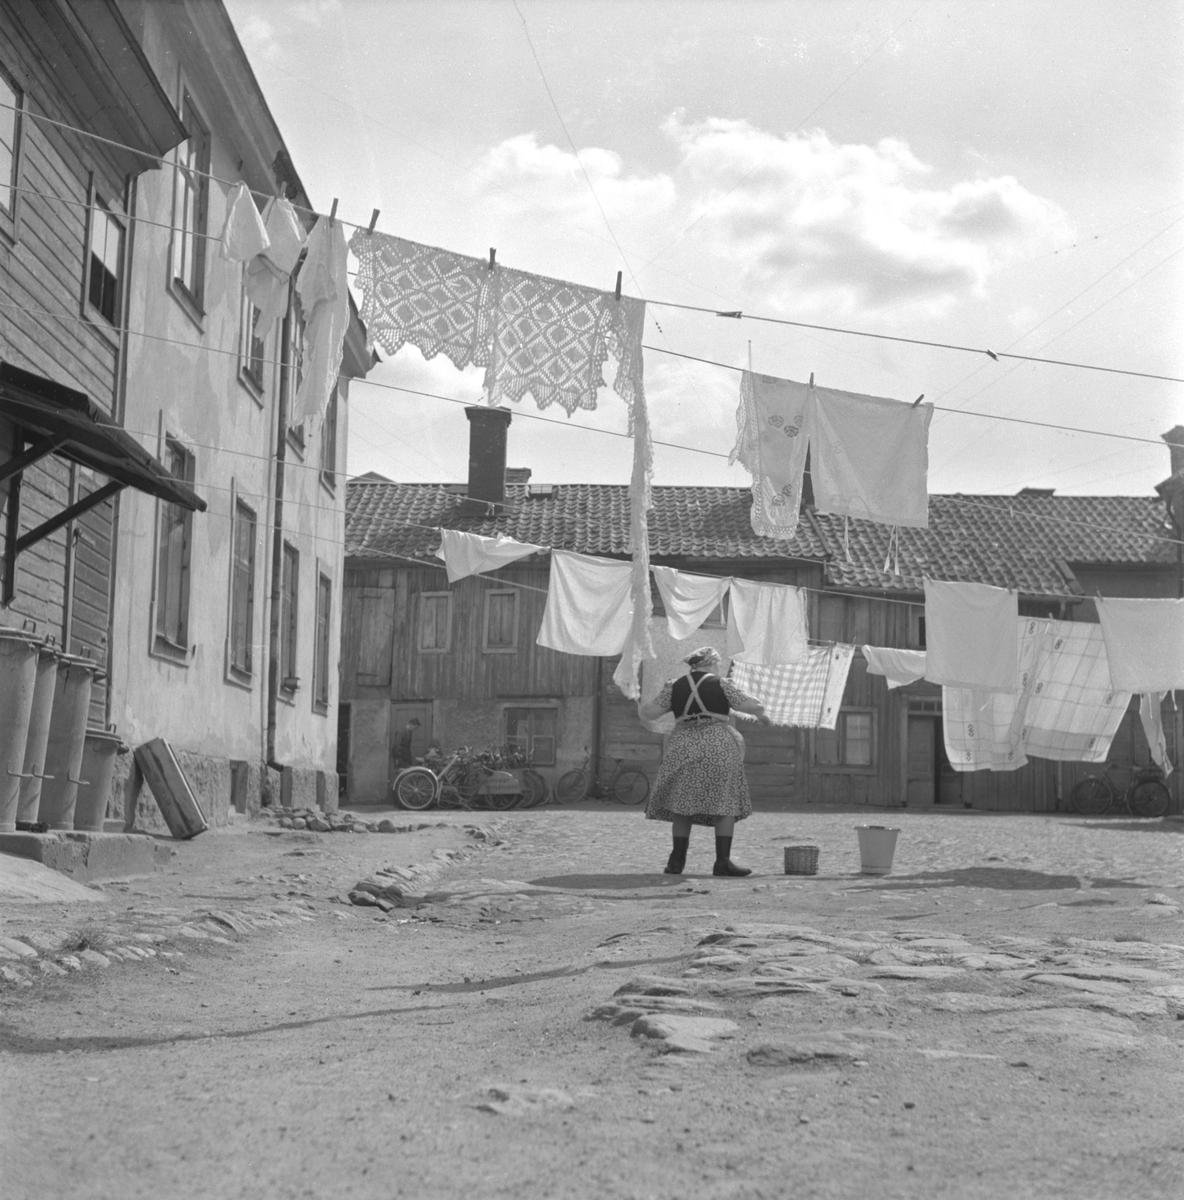 Bakgård vid Snickaregatan 11.   Bilden är tagen mot söder mitt i kvarteret Blåklockan mellan Ågatan och Storgatan. På gården hänger en kvinna tvätt på uppspända linor. I bakgrunden, vid den ena byggnadens fasad, syns en man bredvid ett antal cyklar; i uthusräckan inrymdes Wallins cykelverkstad, med gatuadress Storgatan 9. Verkstaden innehades av Sixten Wallin, far till musikern Bengt Arne Wallin.